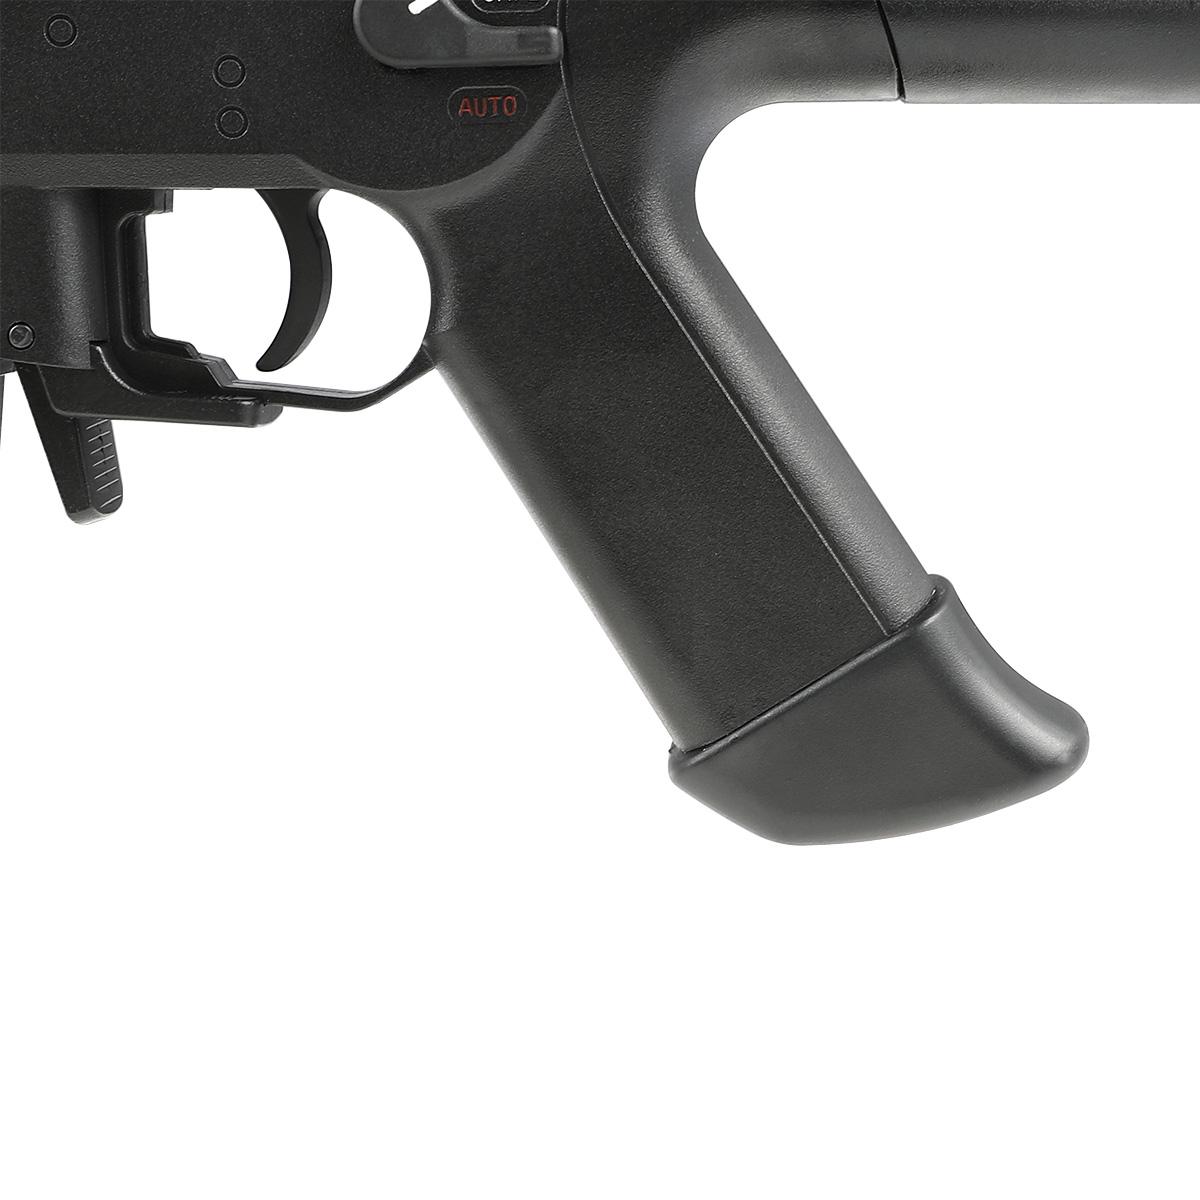 【同梱不可】 SRC H&K XM8 フルサイズ電動ガン NV Desert (JP Ver.) 【配送業者:佐川急便限定】